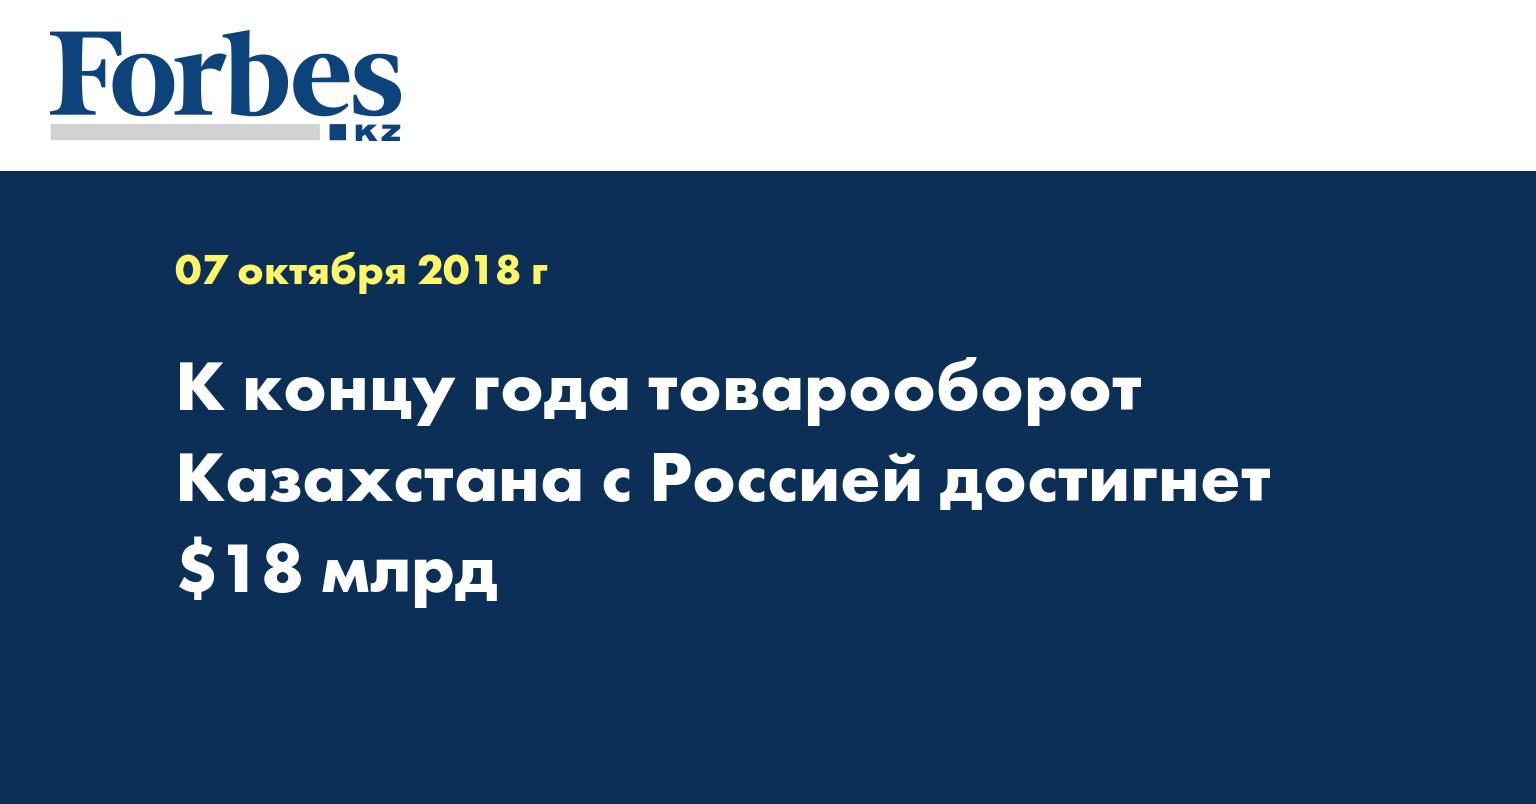 К концу года товарооборот Казахстана с Россией достигнет $18 млрд